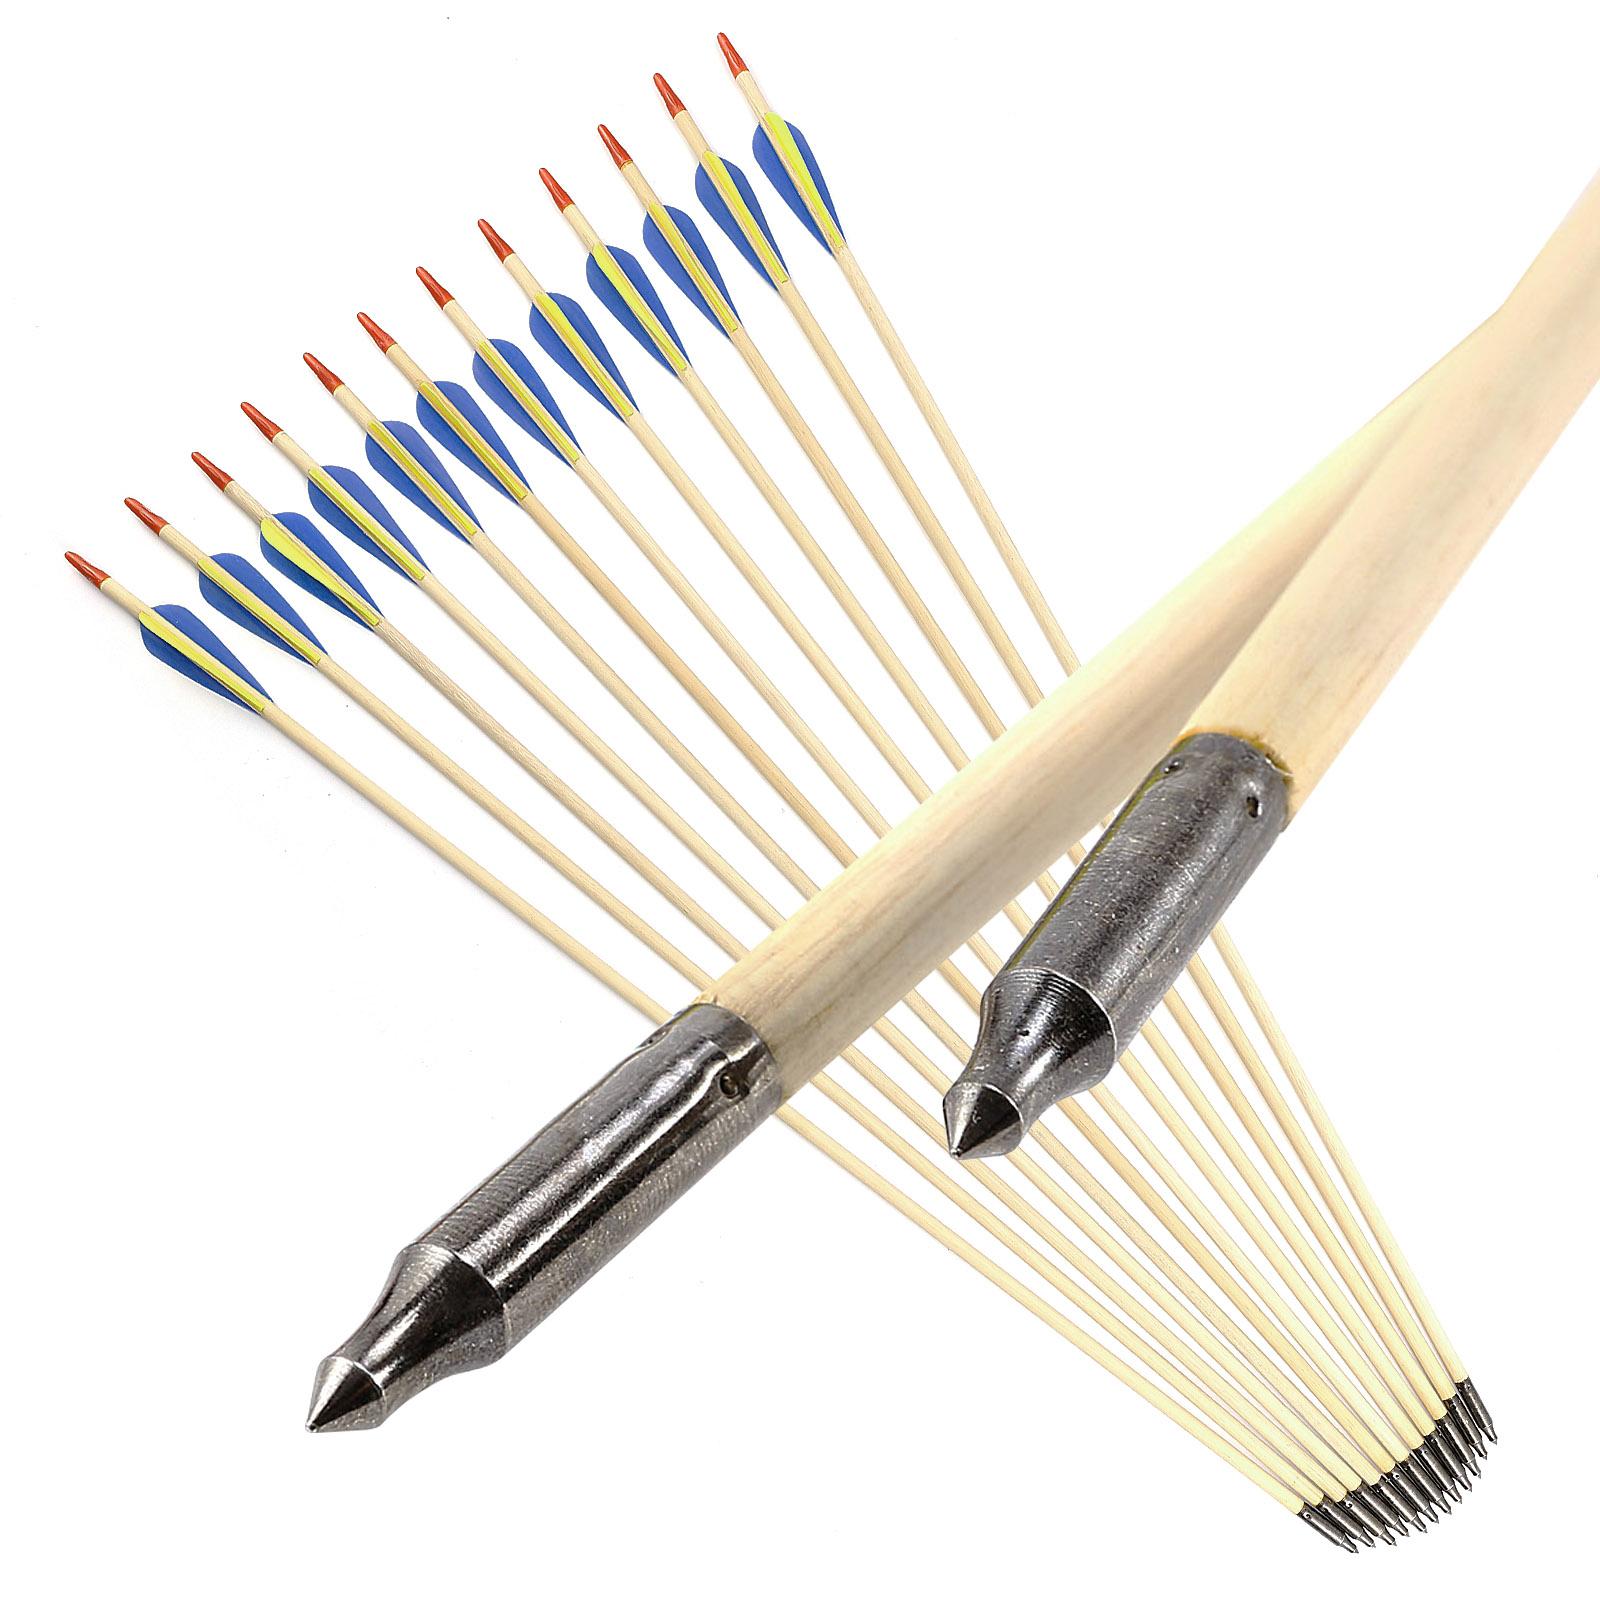 Flechas y recambios de tiro con arco | Los mejores precios en eBay